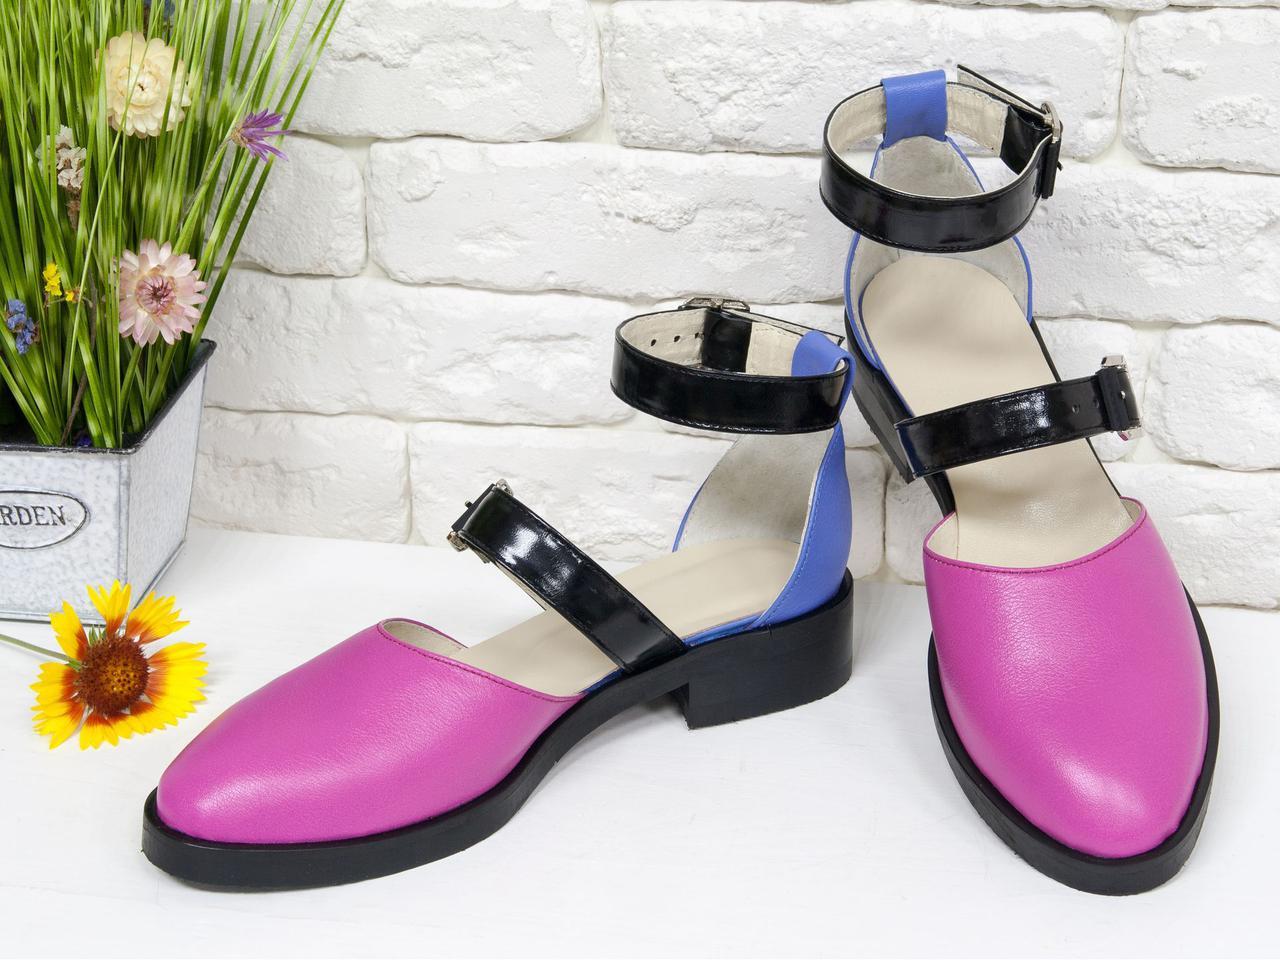 Стильні шкіряні Туфлі малинового і незабудкового кольору з ремінцями чорного кольору з лакової шкіри